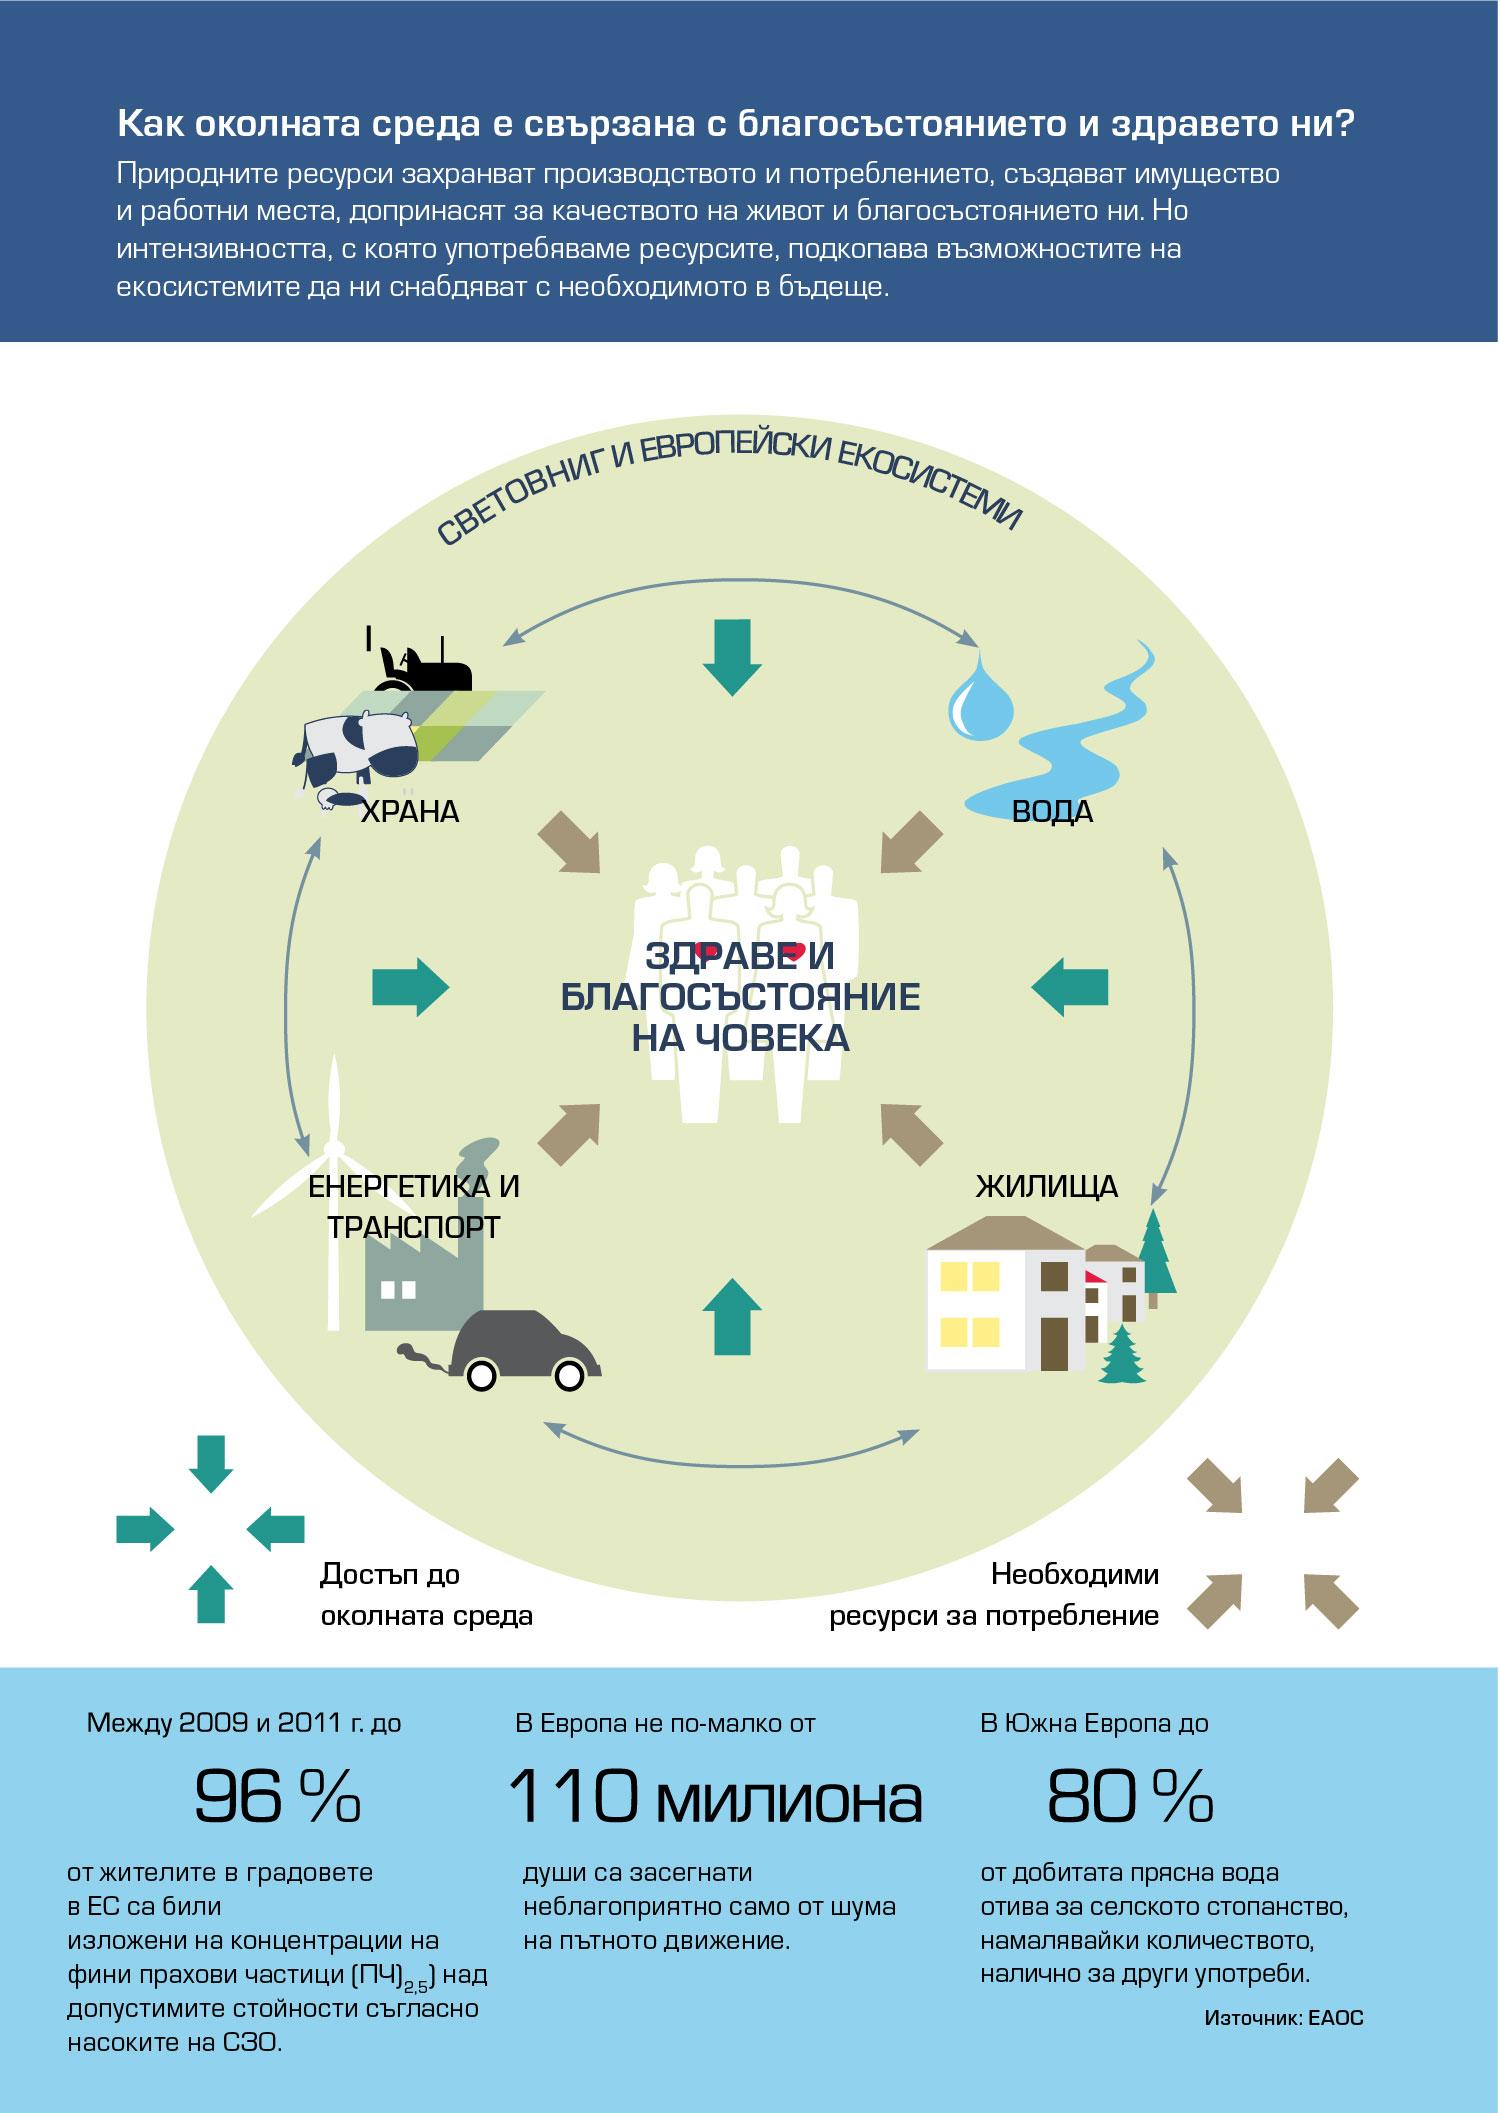 Как околната среда е свързана с благосъстоянието и здравето ни?